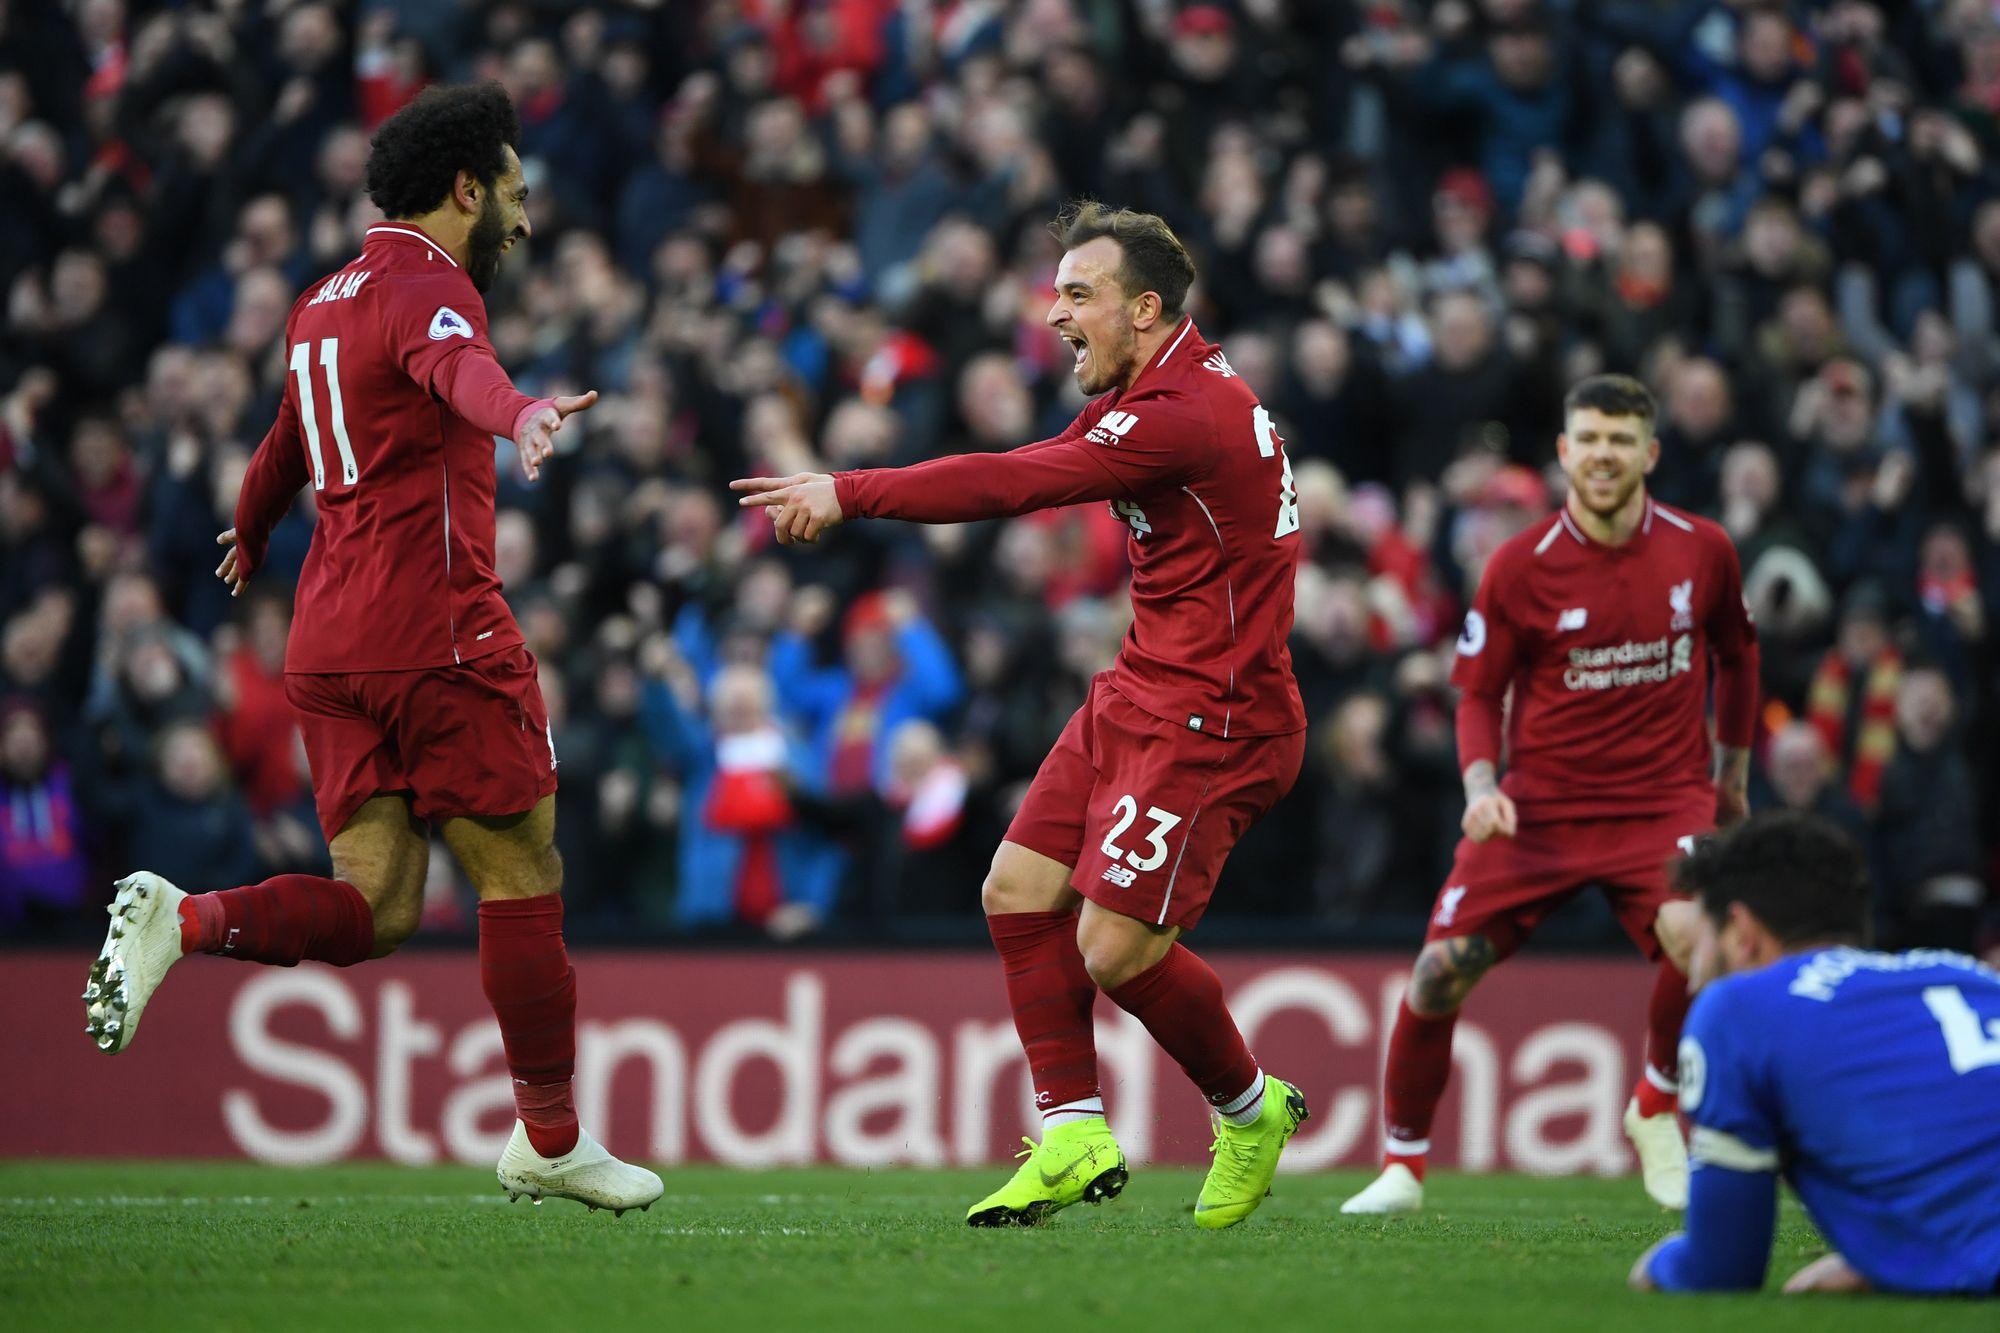 Liverpool écrase Cardiff City Sadio Mané double buteur — Vidéo résumé